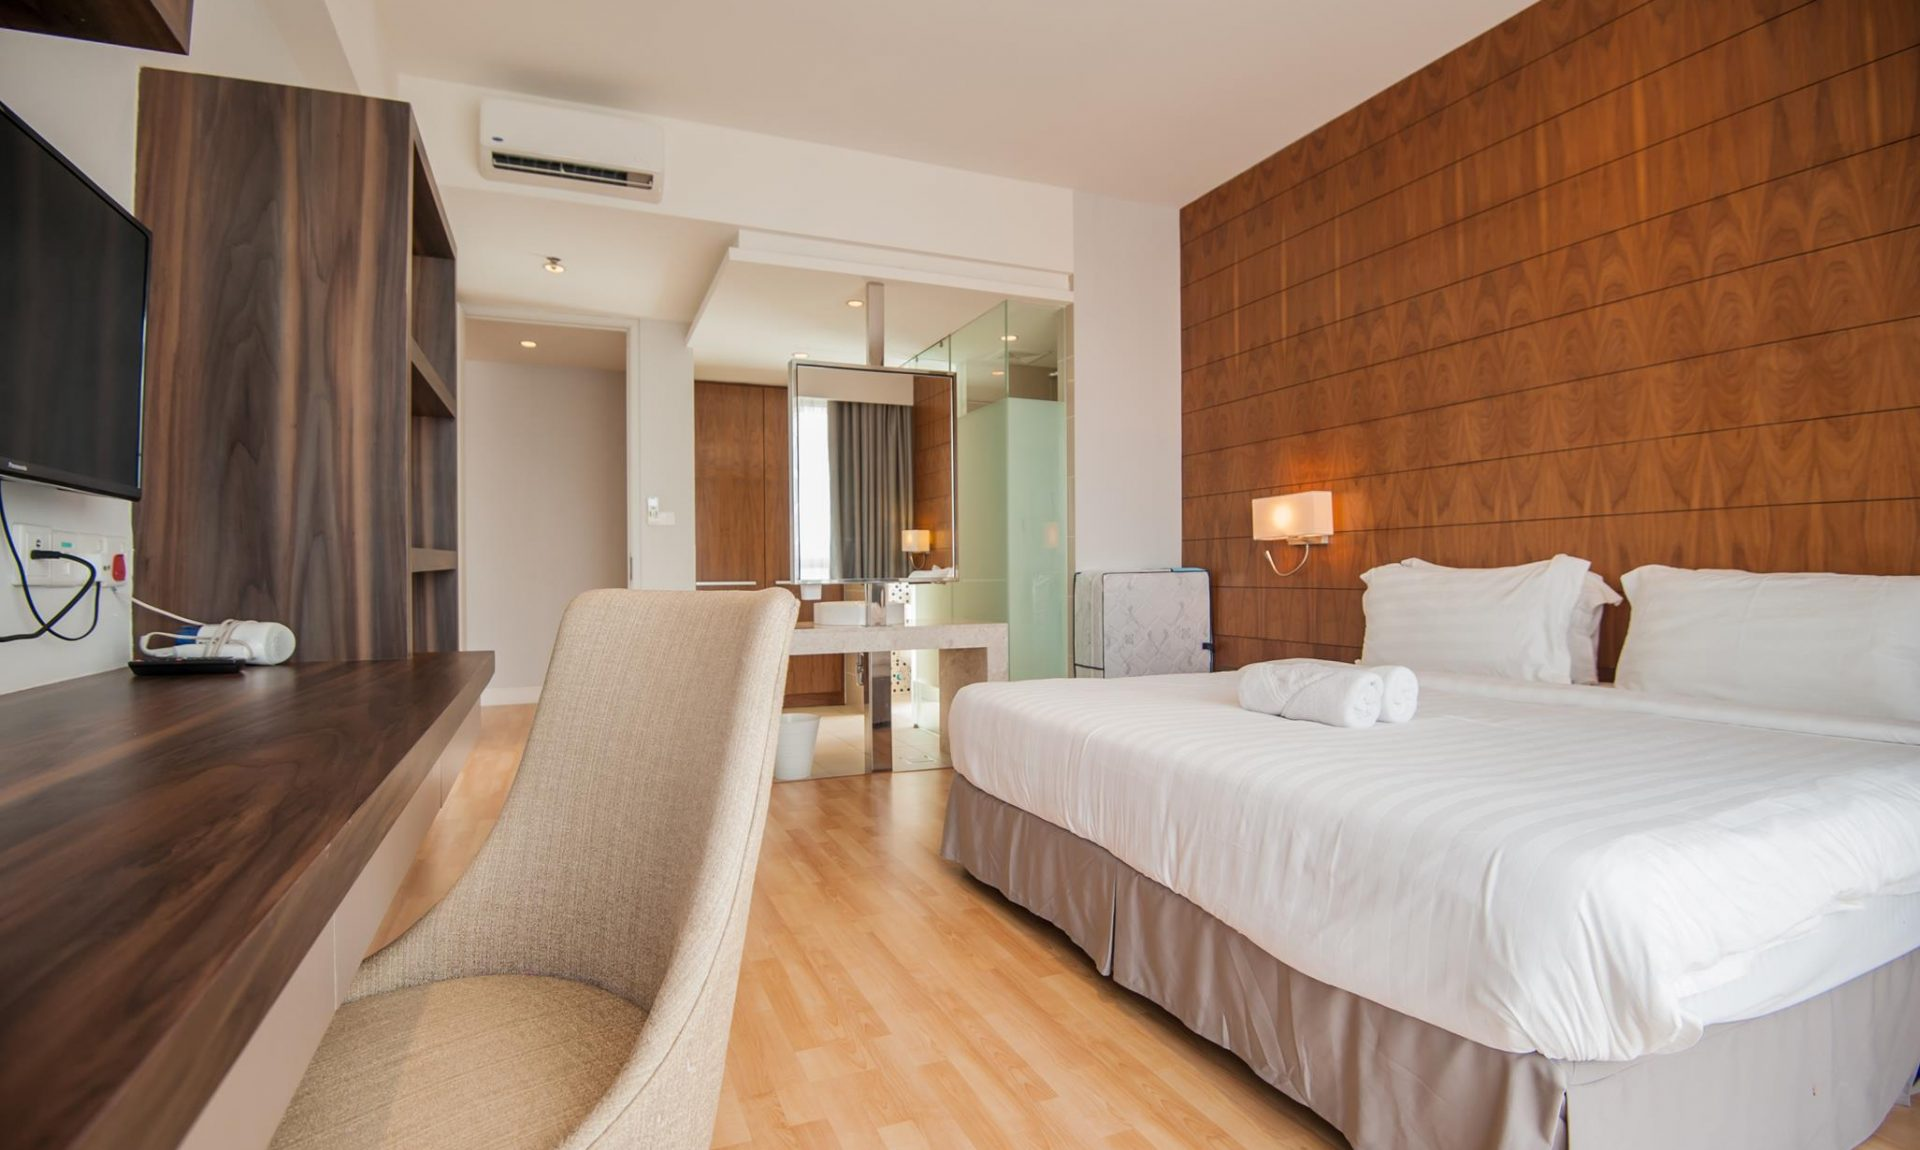 D_Majestic_2 Bedroom Apartment 002